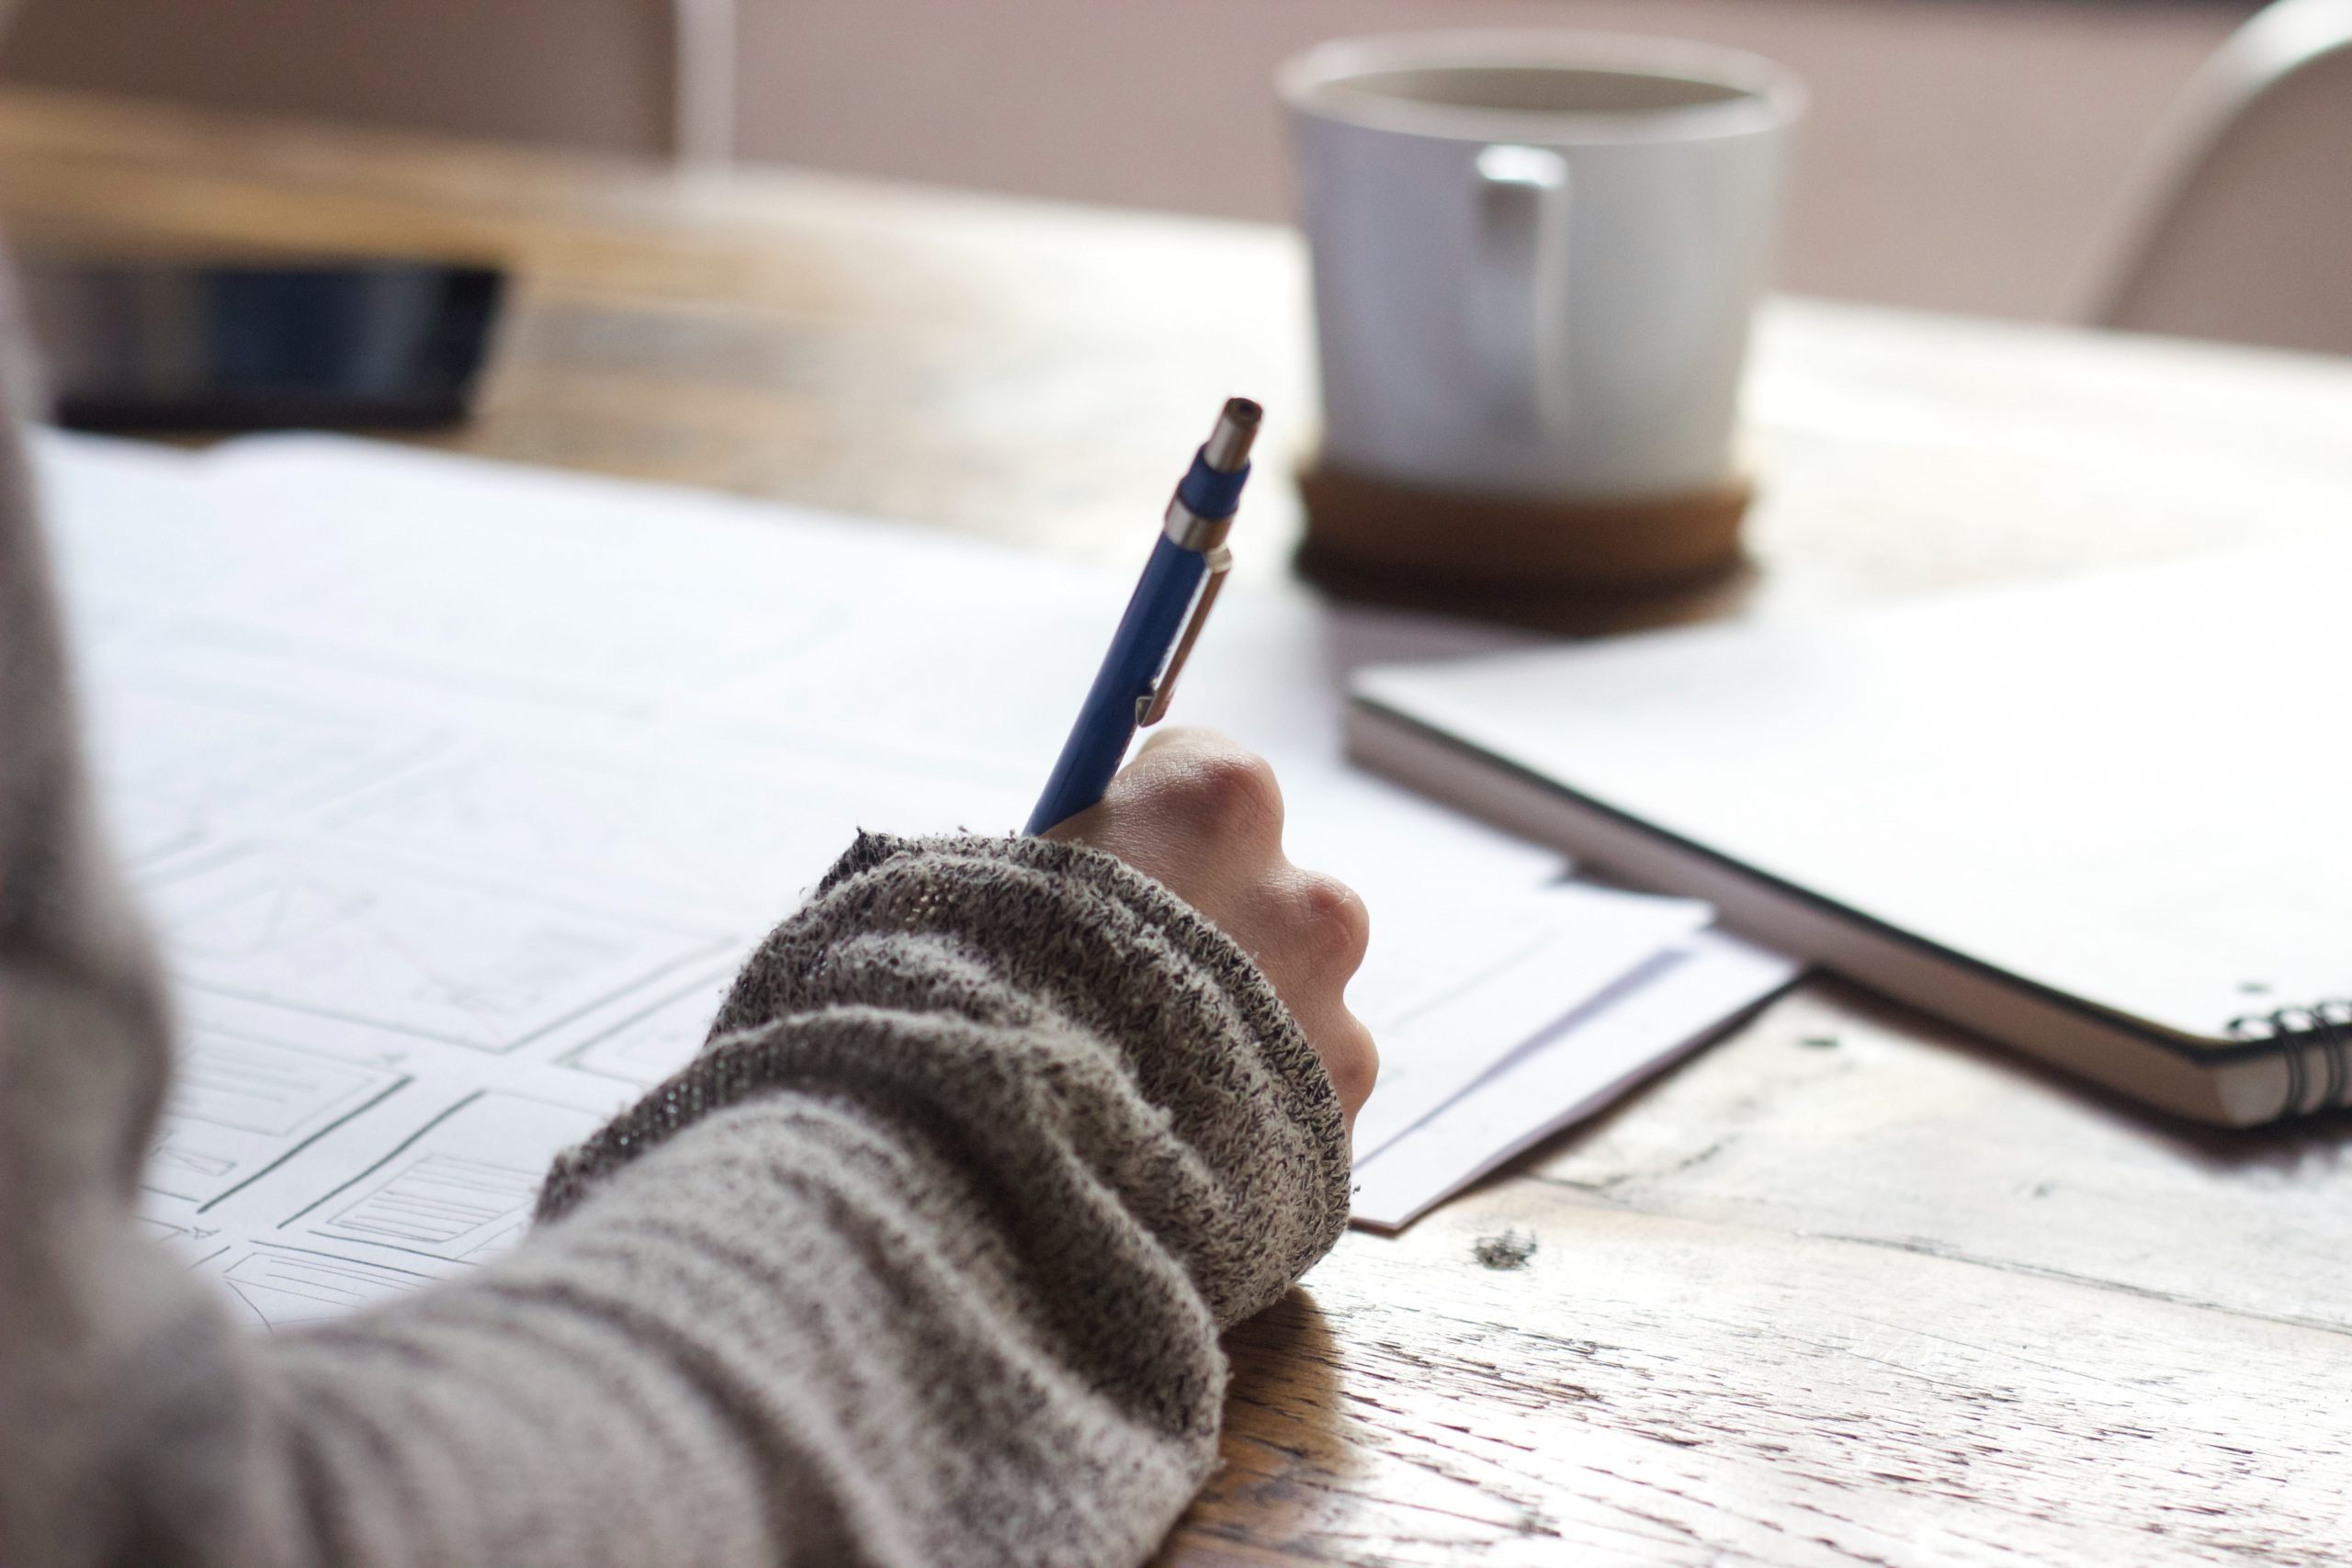 žena si píše na papier poznámky